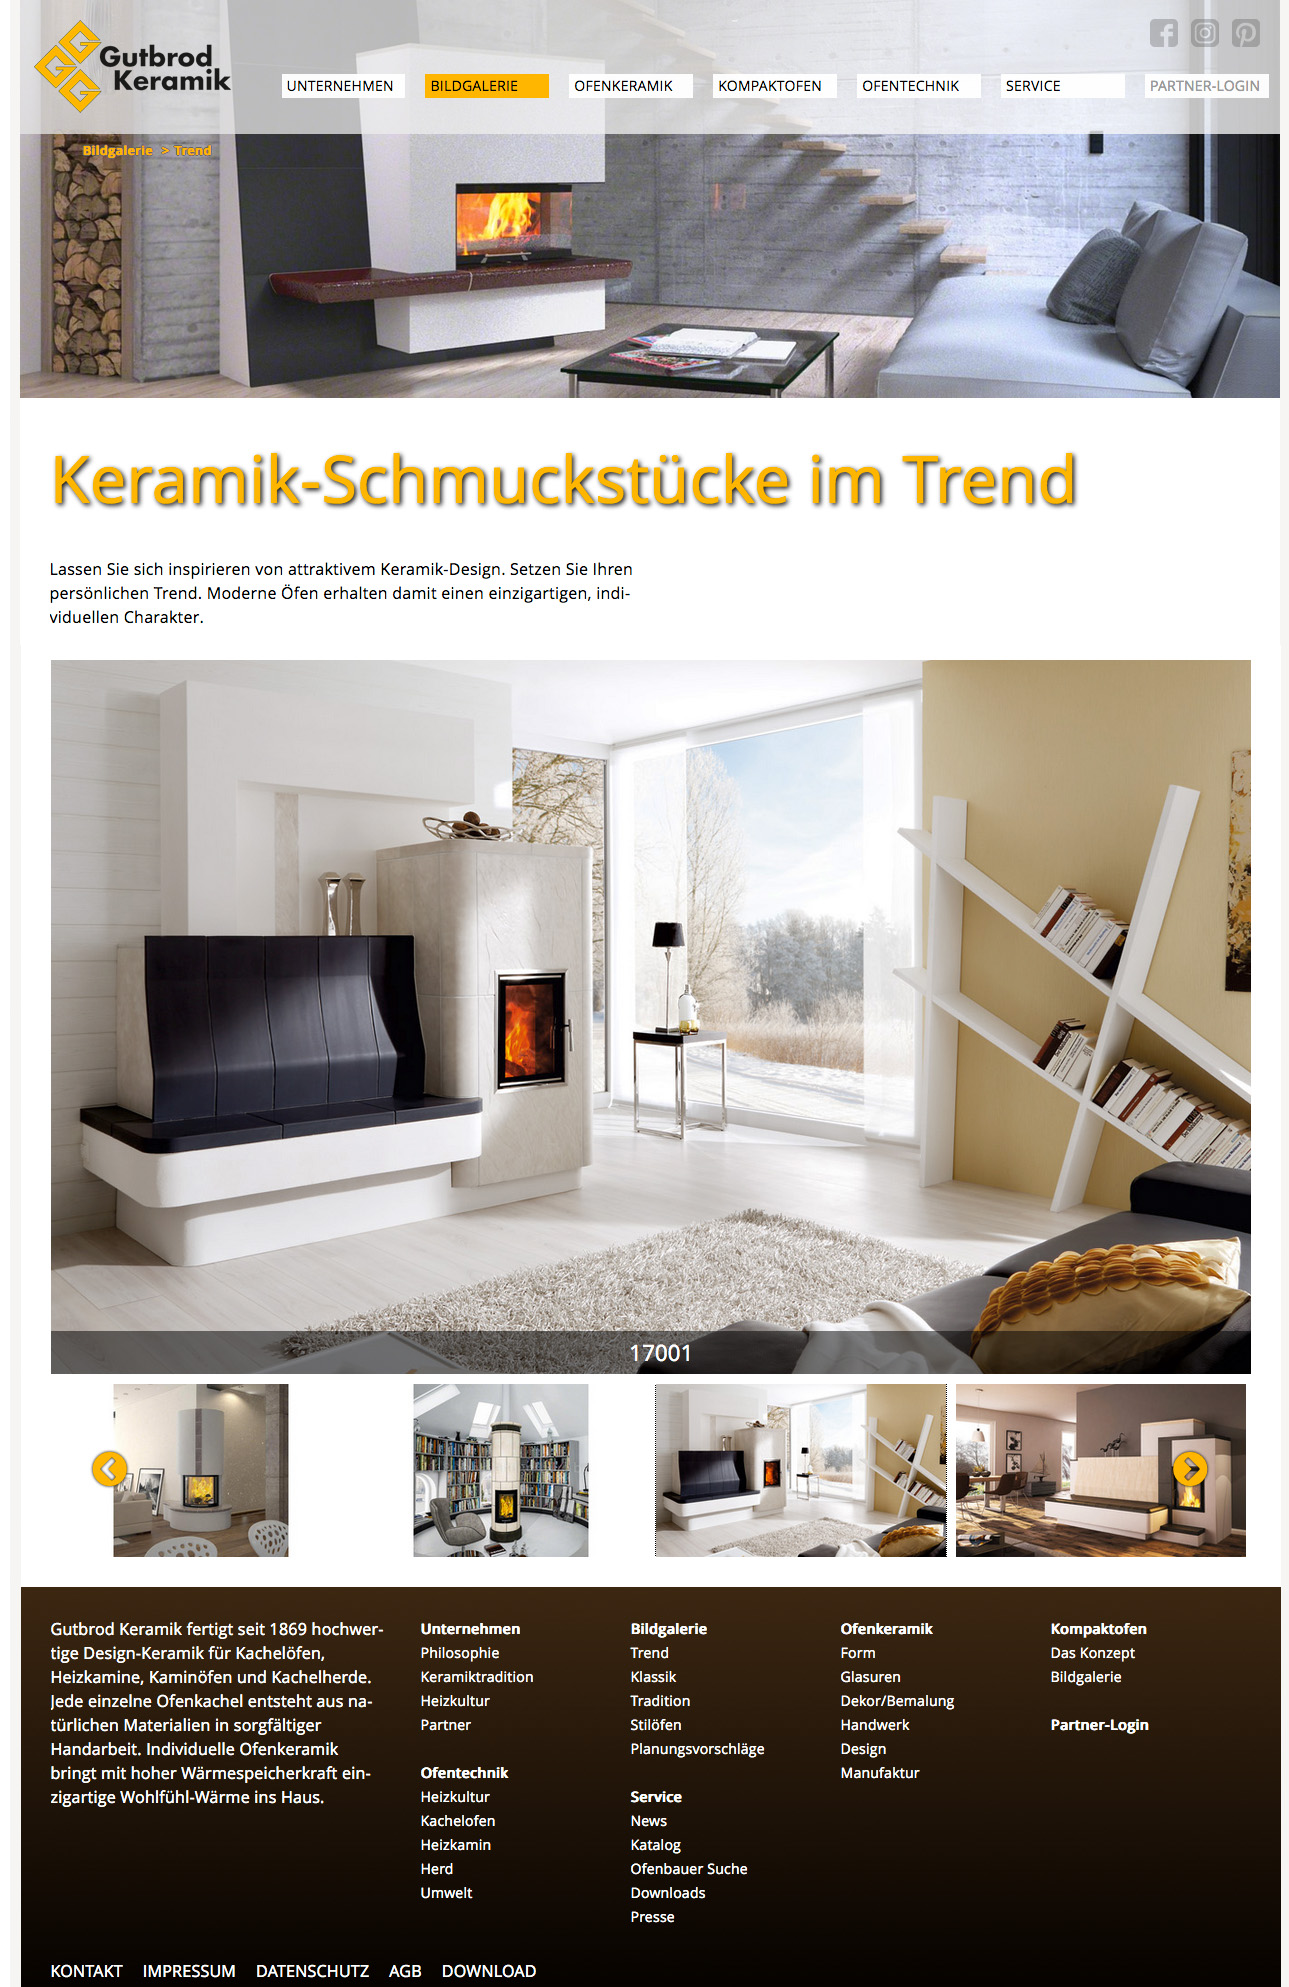 Die von Lorenz & Company für Gutbrod erstellte Webseite ist ein Blickfang.